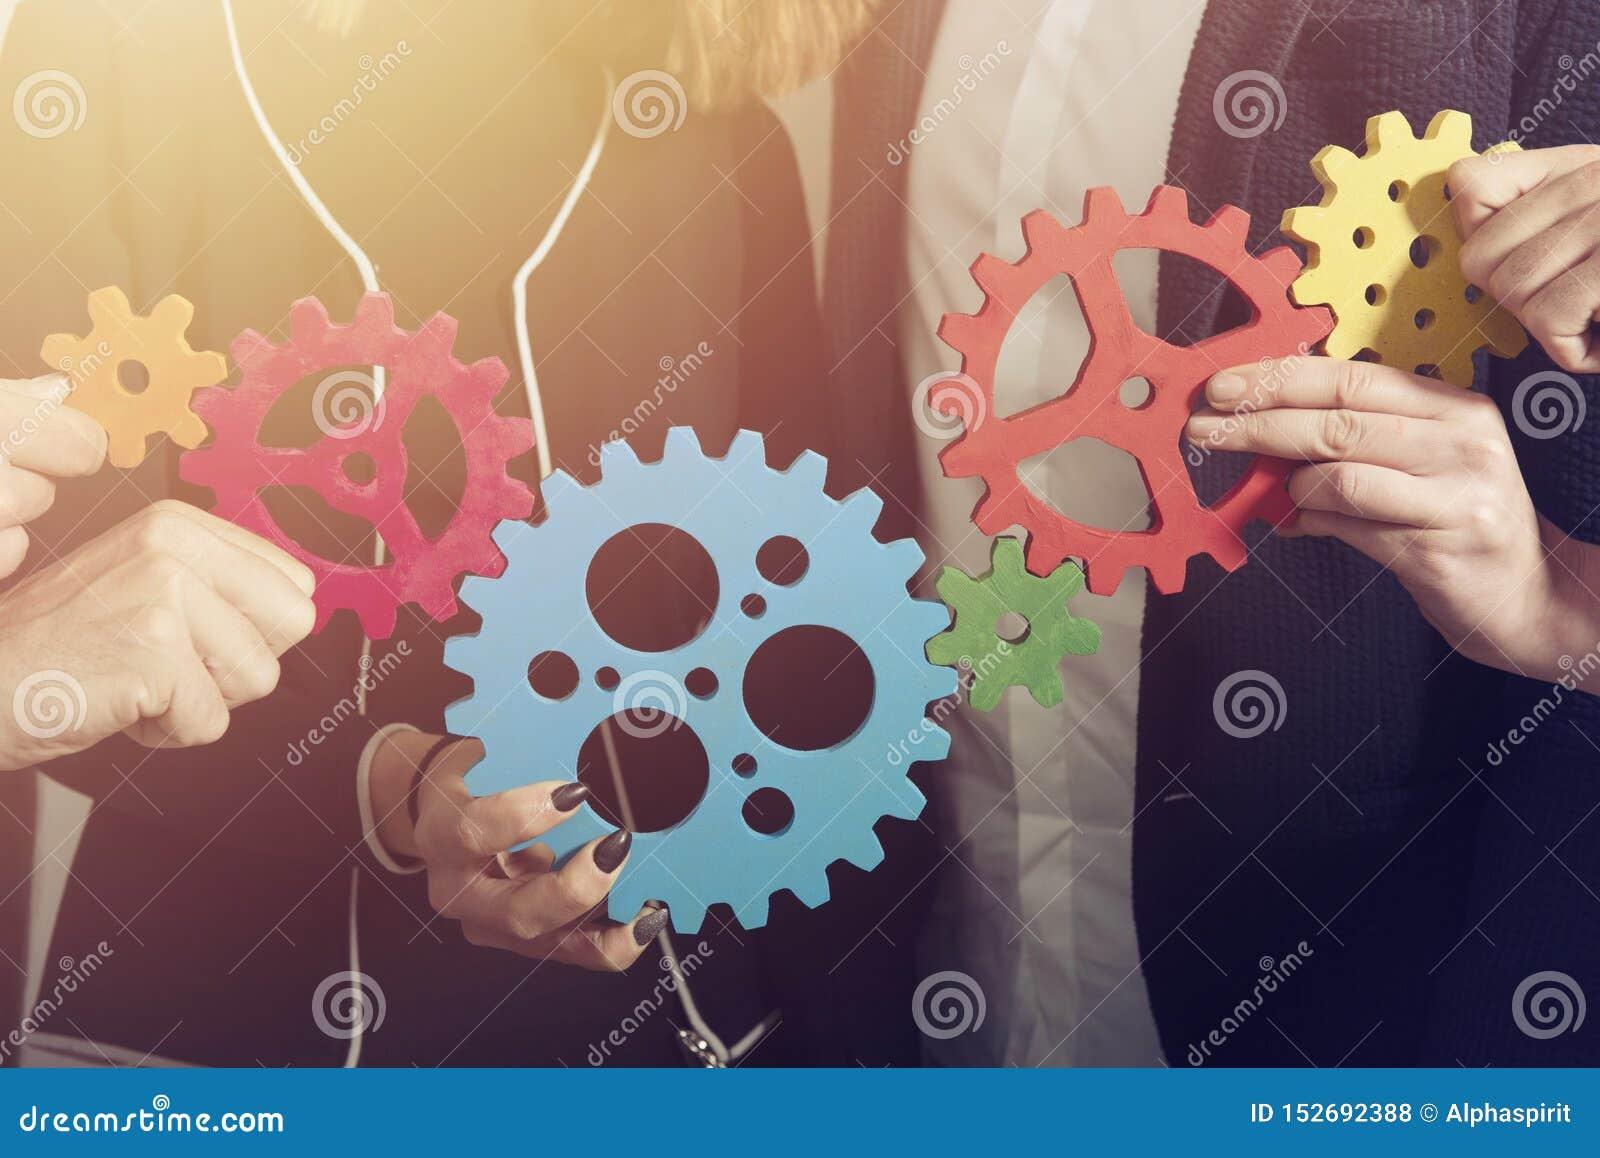 El equipo del negocio conecta pedazos de engranajes Trabajo en equipo, sociedad y concepto de la integraci?n